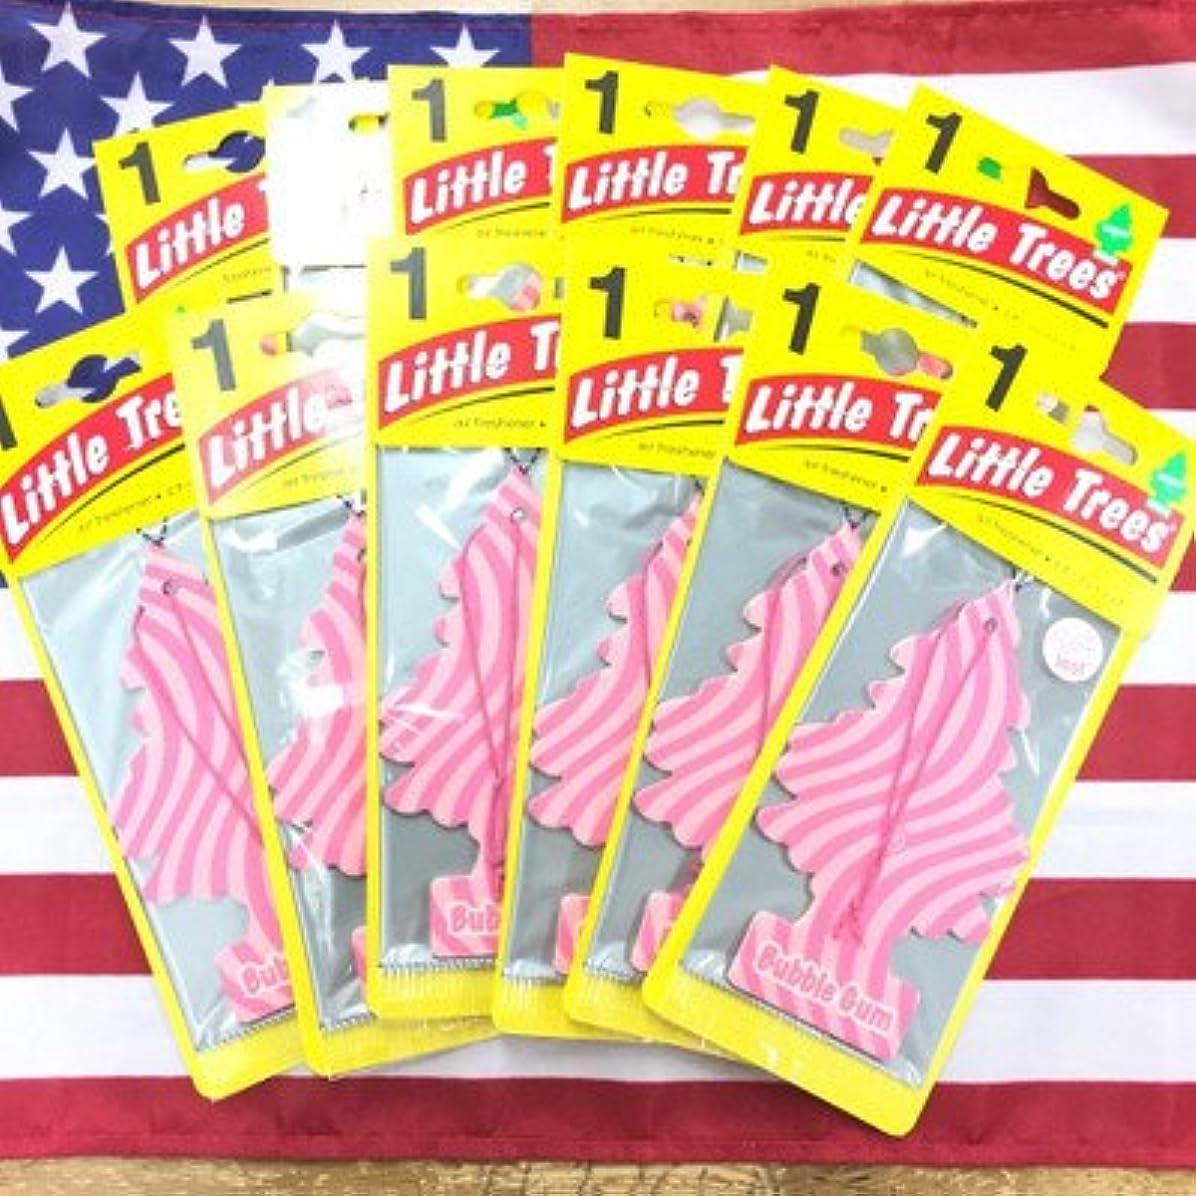 誘惑スリチンモイぴかぴかリトルツリー バブルガム エアフレッシュナー 12枚セット Bobble Gum Little Trees 芳香剤 フレグランス